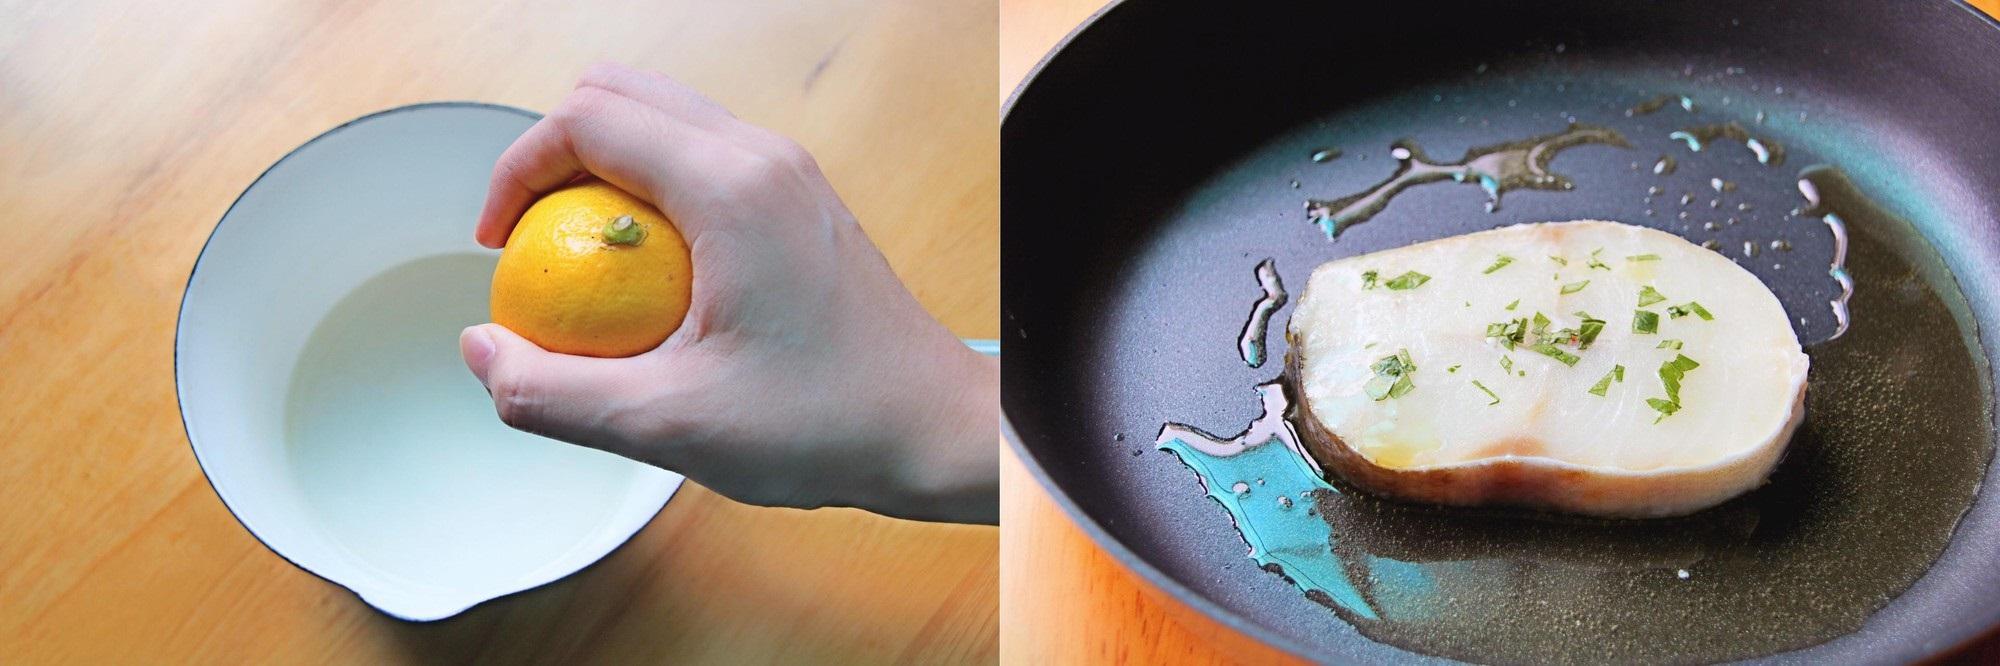 Tôi đã tìm ra cách làm món cá của đầu bếp nhà hàng và quá bất ngờ vì cực đơn giản - Ảnh 3